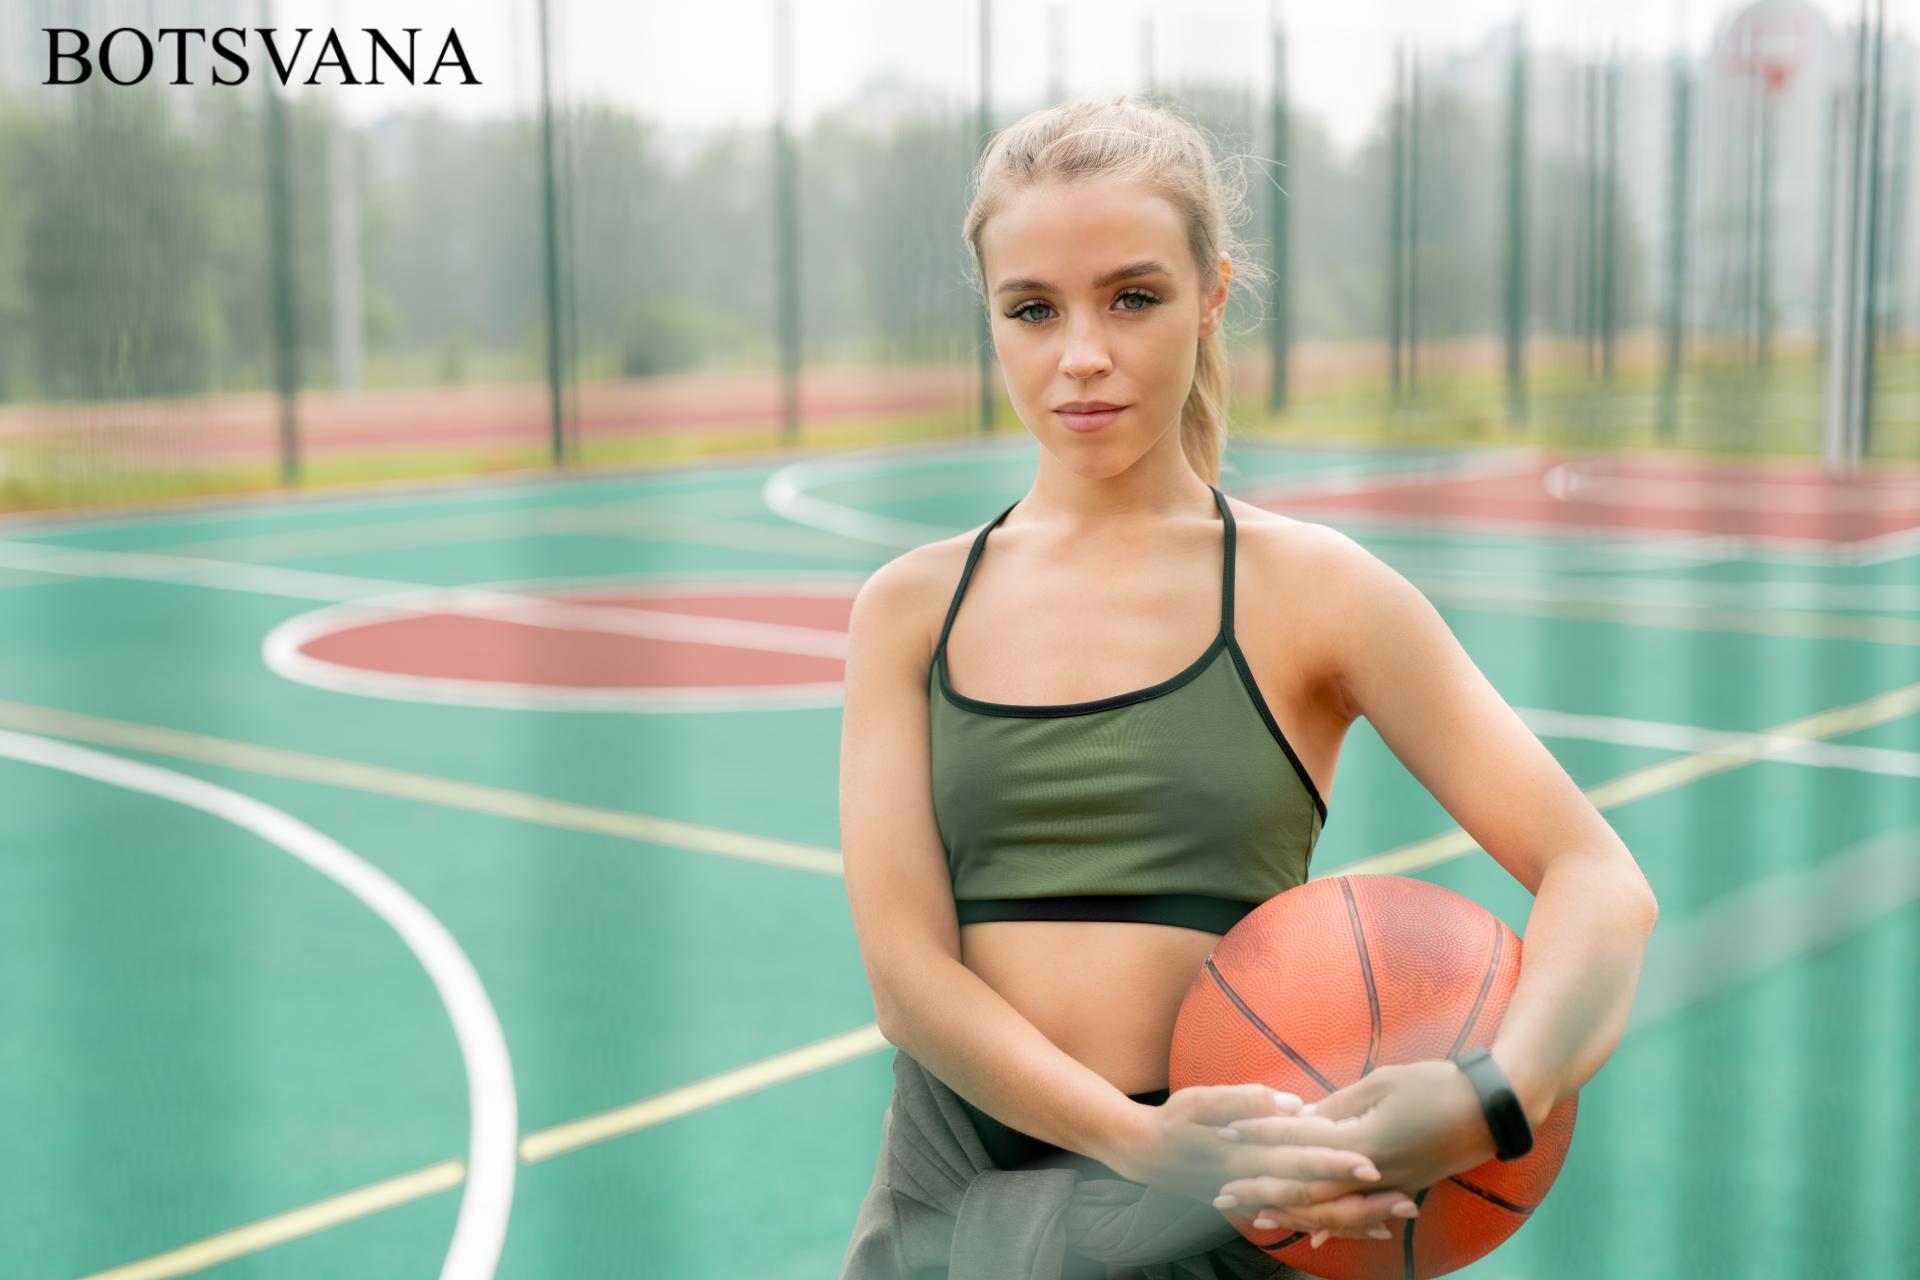 basketbol sporu - Basketbol Nasıl Bulundu?